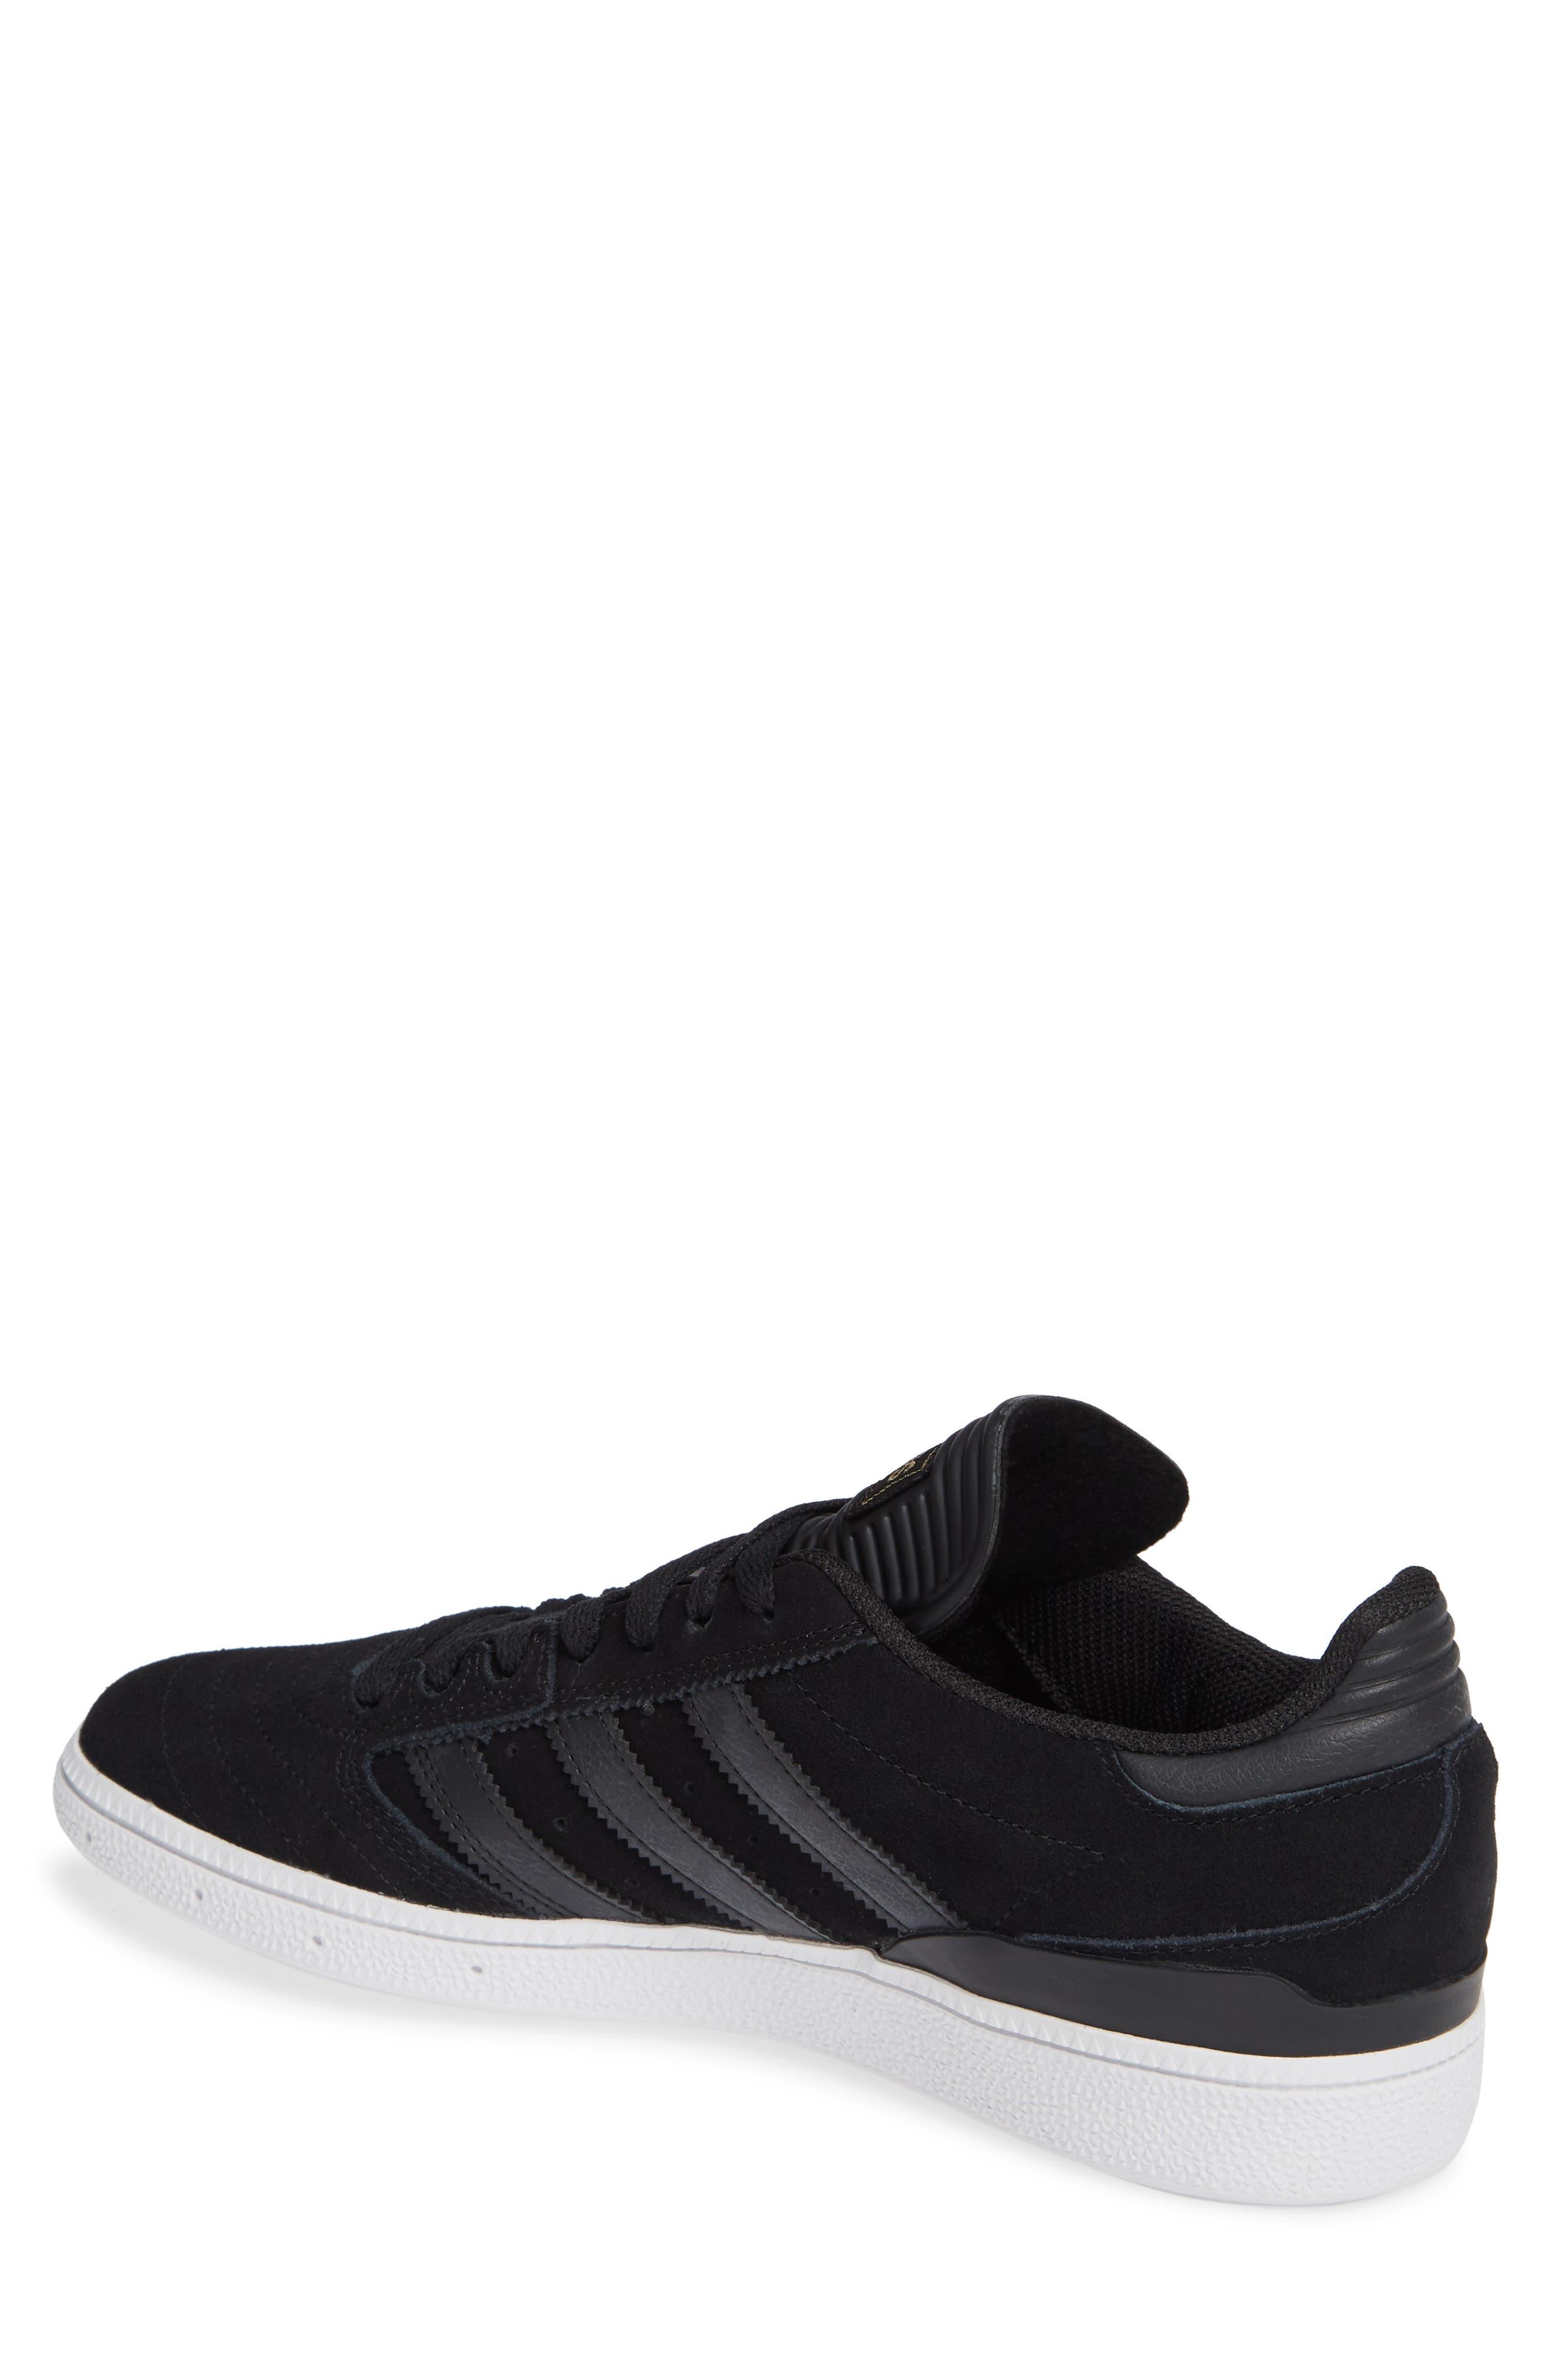 Busenitz Sneaker,                             Alternate thumbnail 2, color,                             BLACK/ BLACK/ WHITE